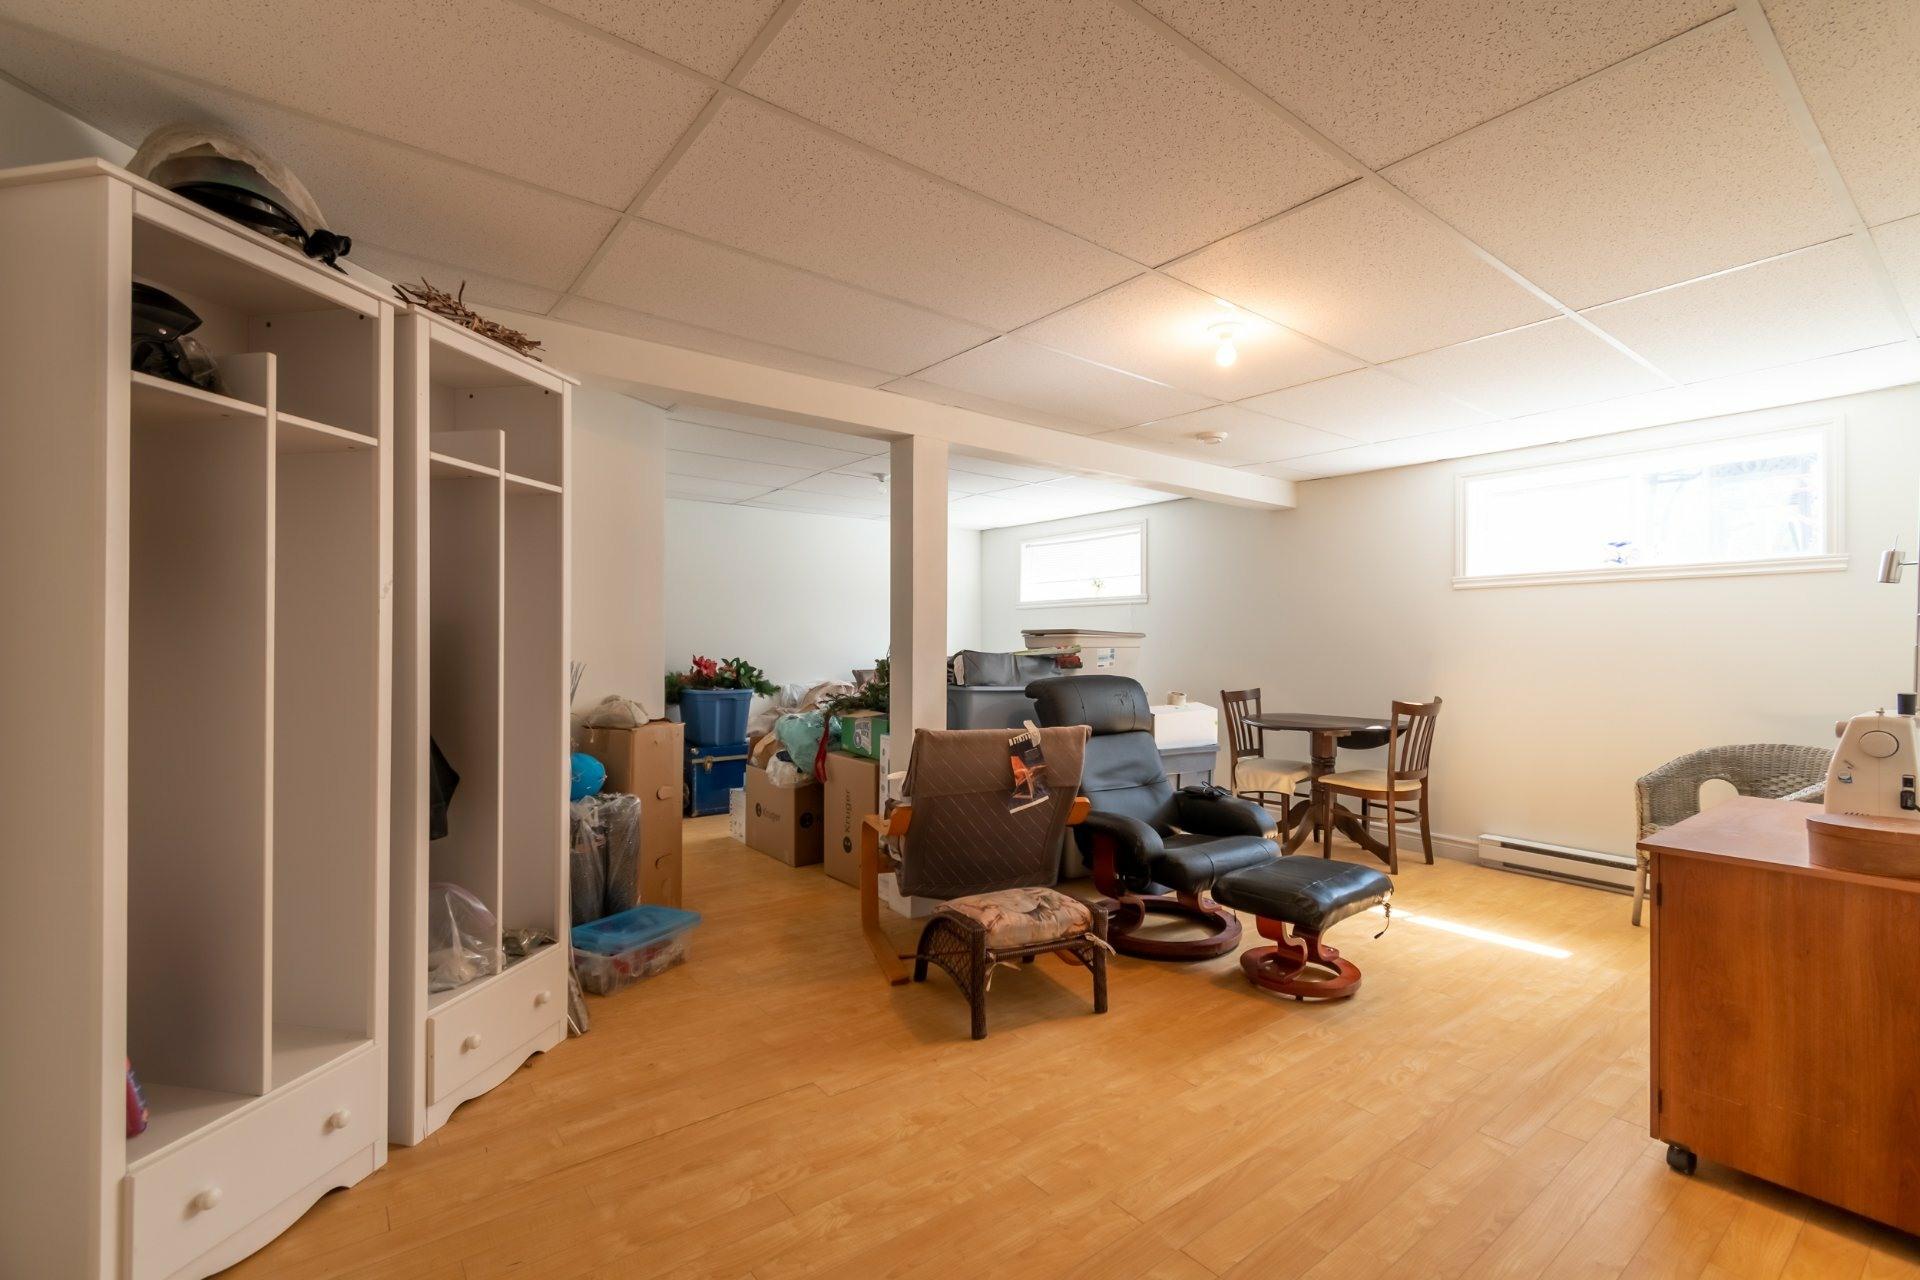 image 20 - Maison À vendre Trois-Rivières - 11 pièces